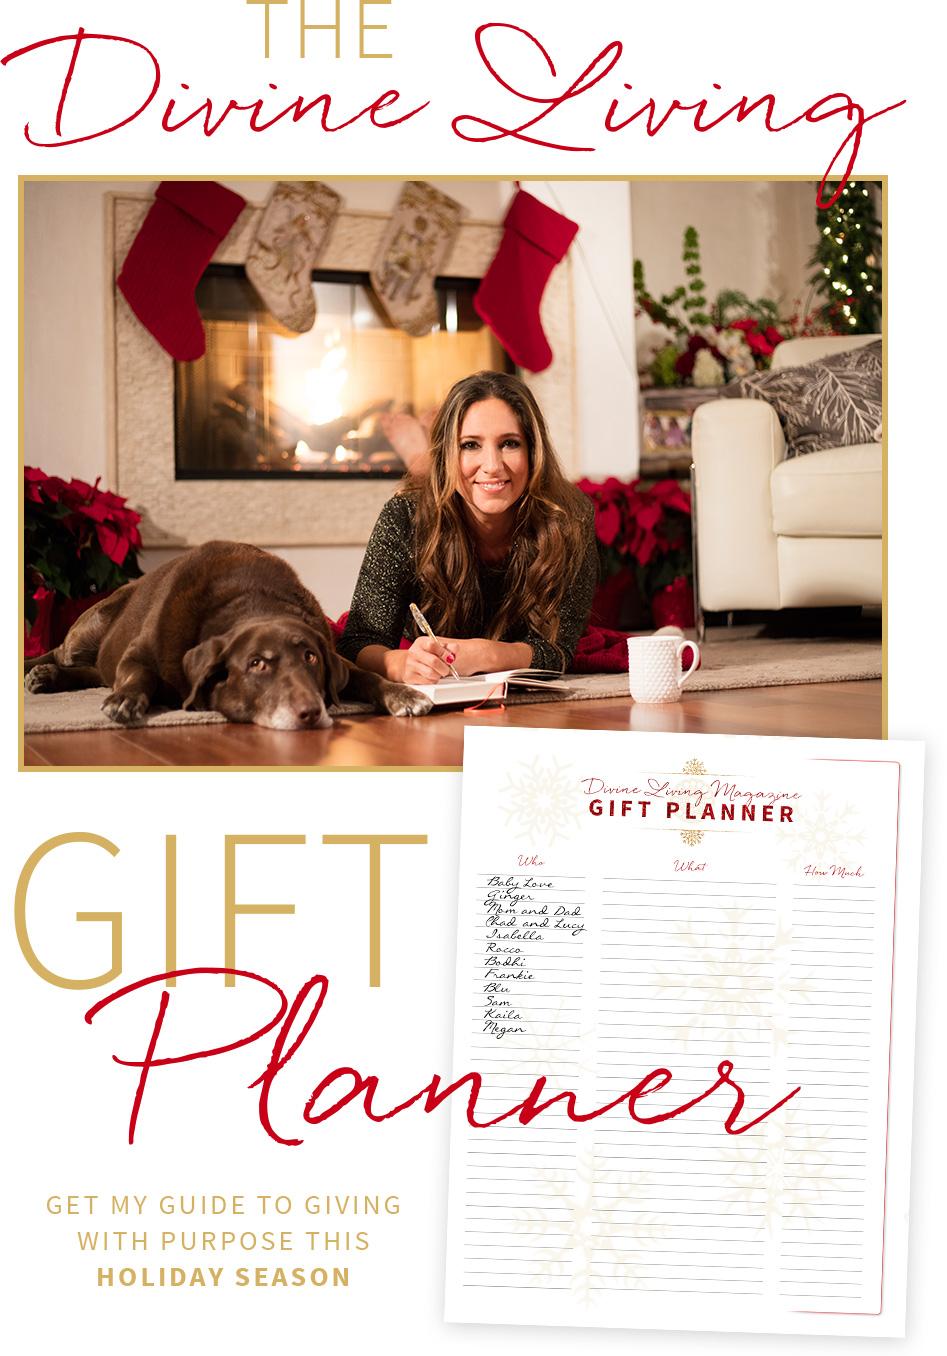 gift-planner-header